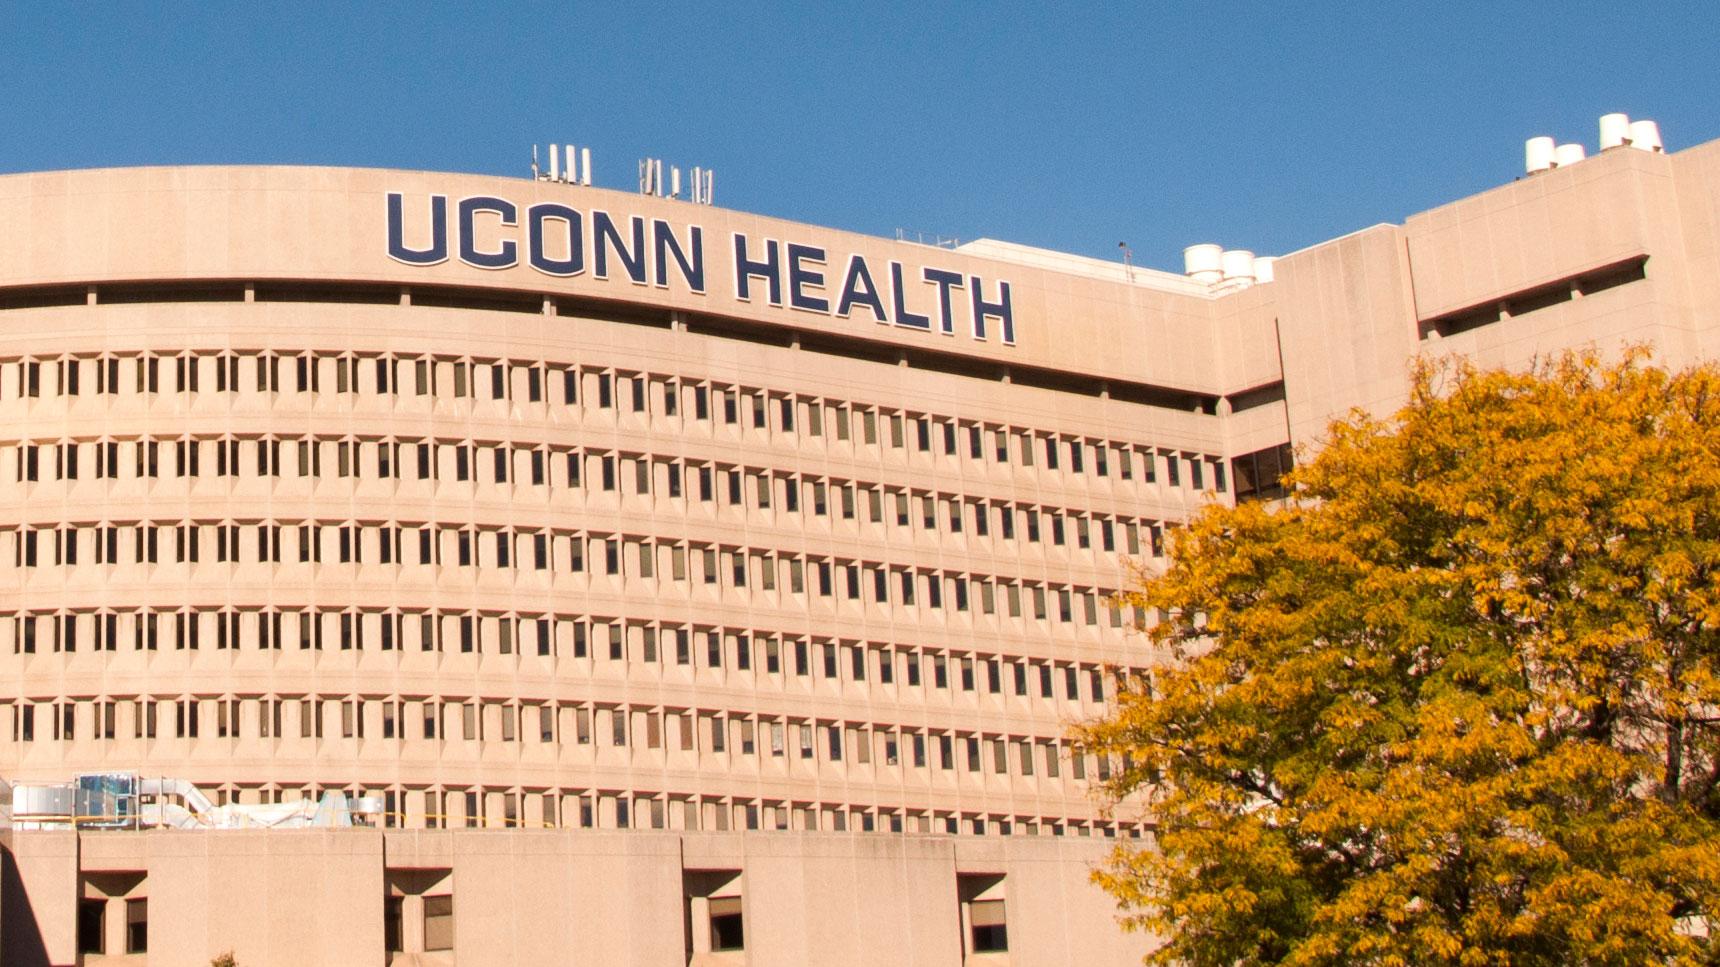 UConn Health building